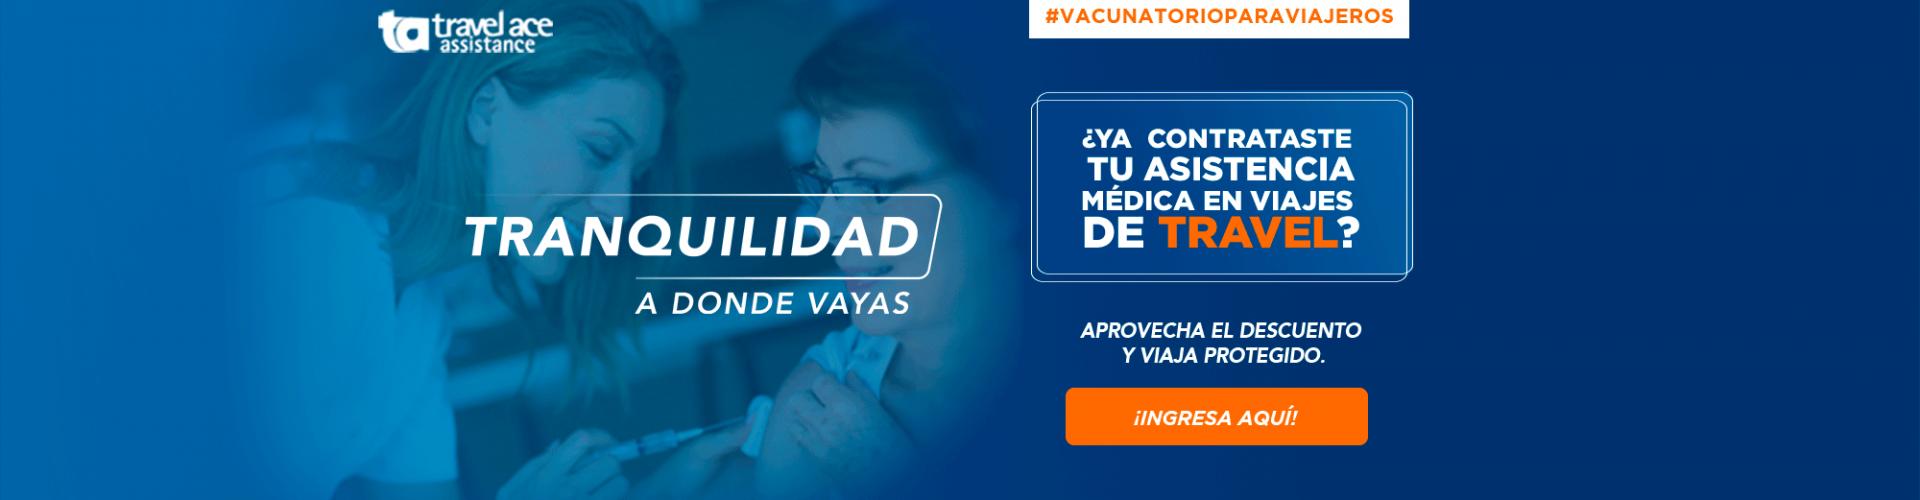 vacunatorio-para-viajeros-travel